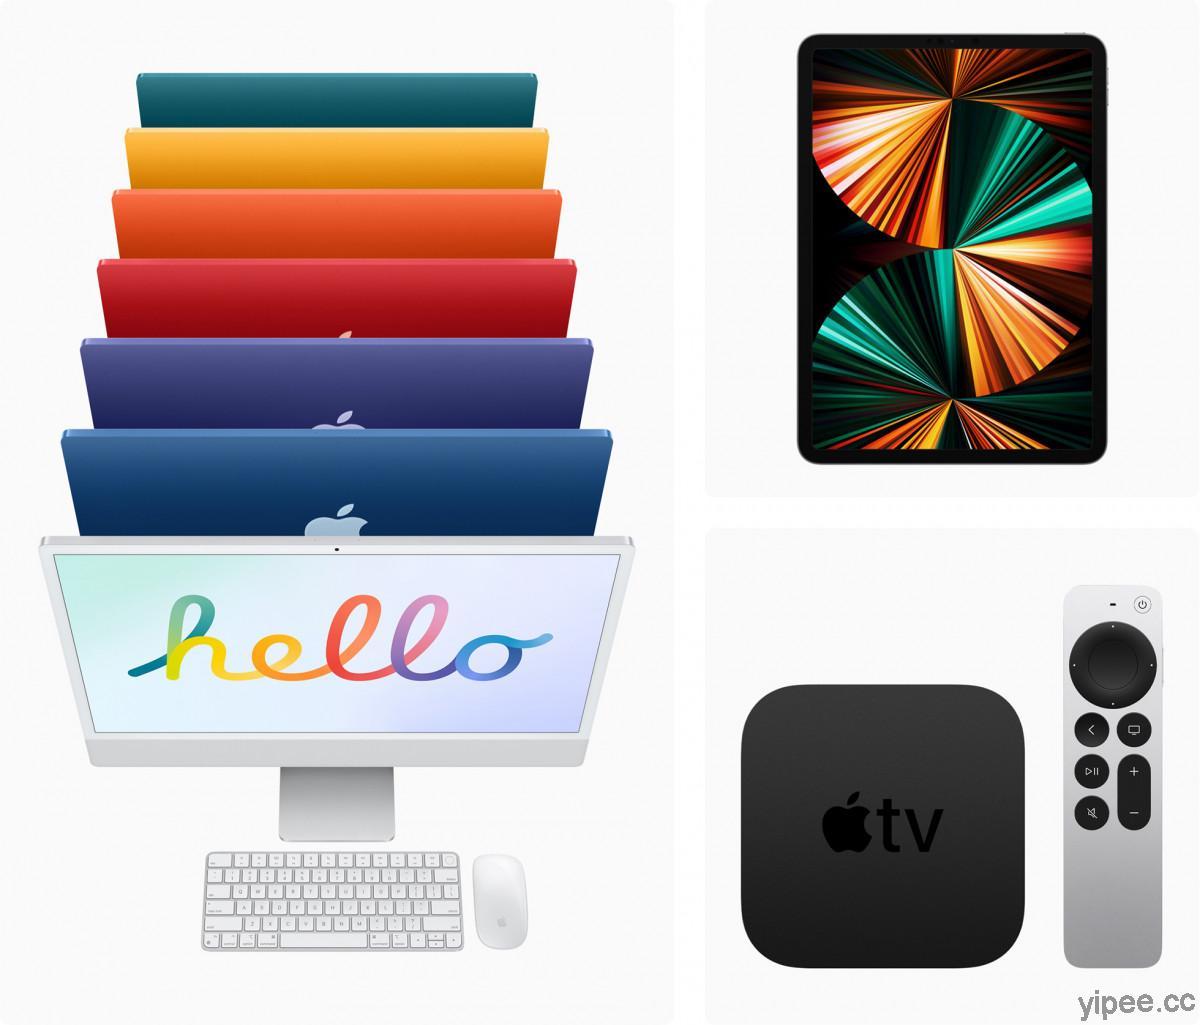 Apple 2021 年新款 iMac、iPad Pro、Apple TV 全數在台灣開賣上市!